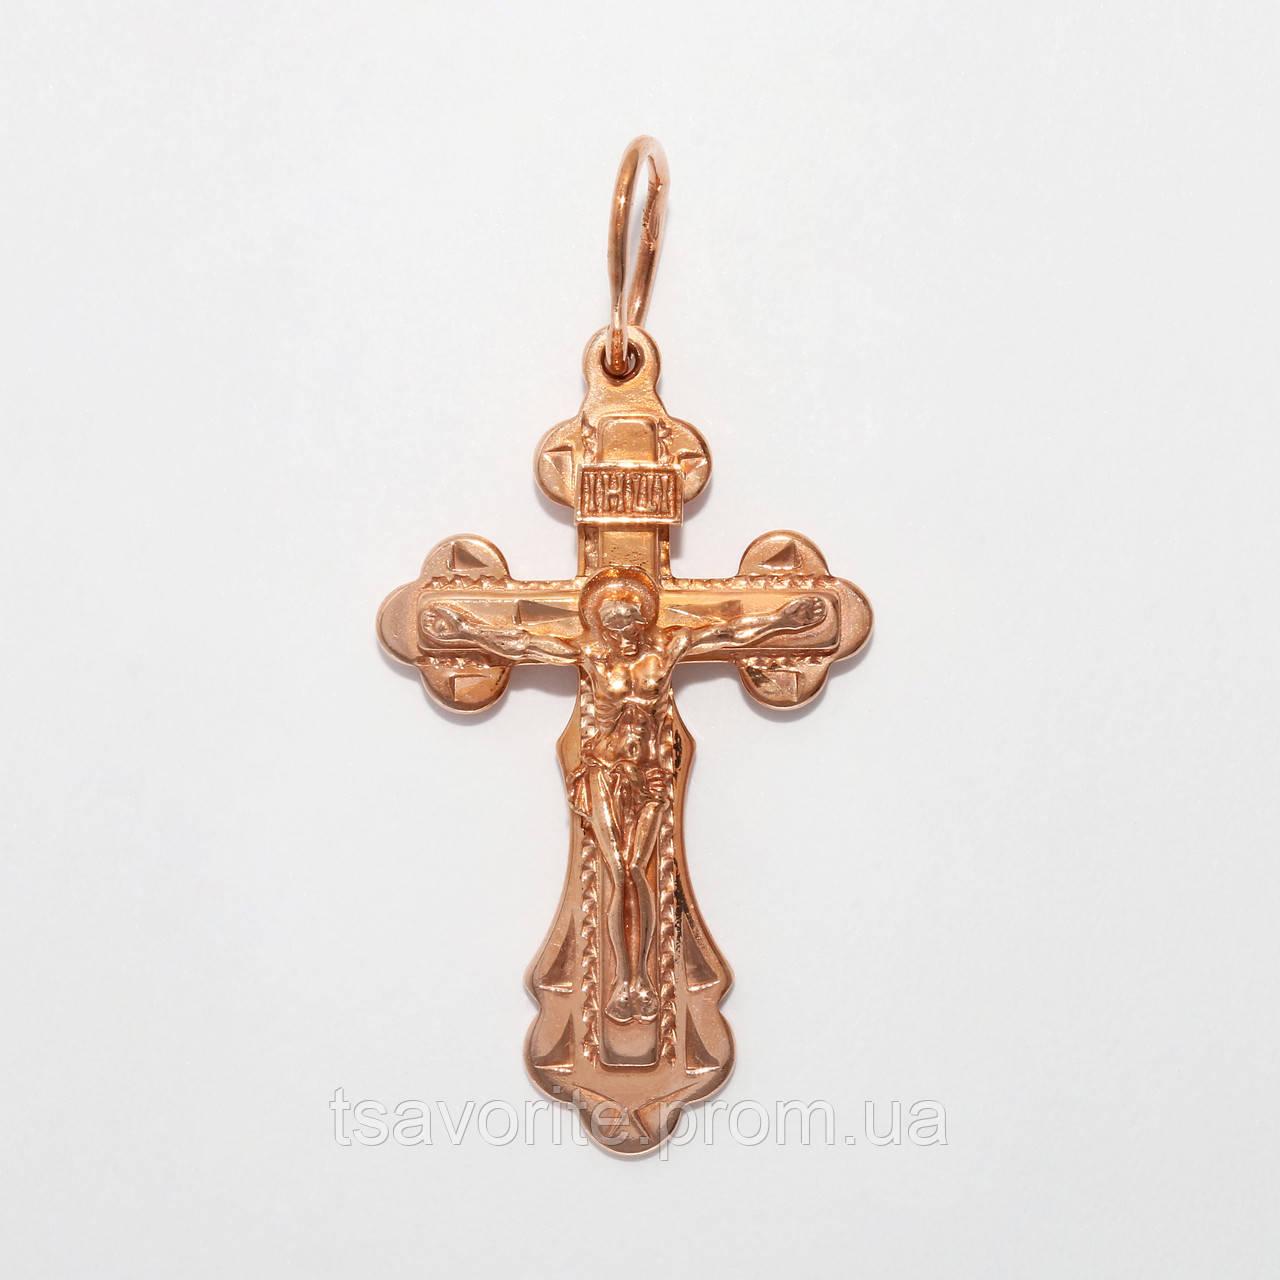 Серебряный крестик с позолотой ВКХ-119